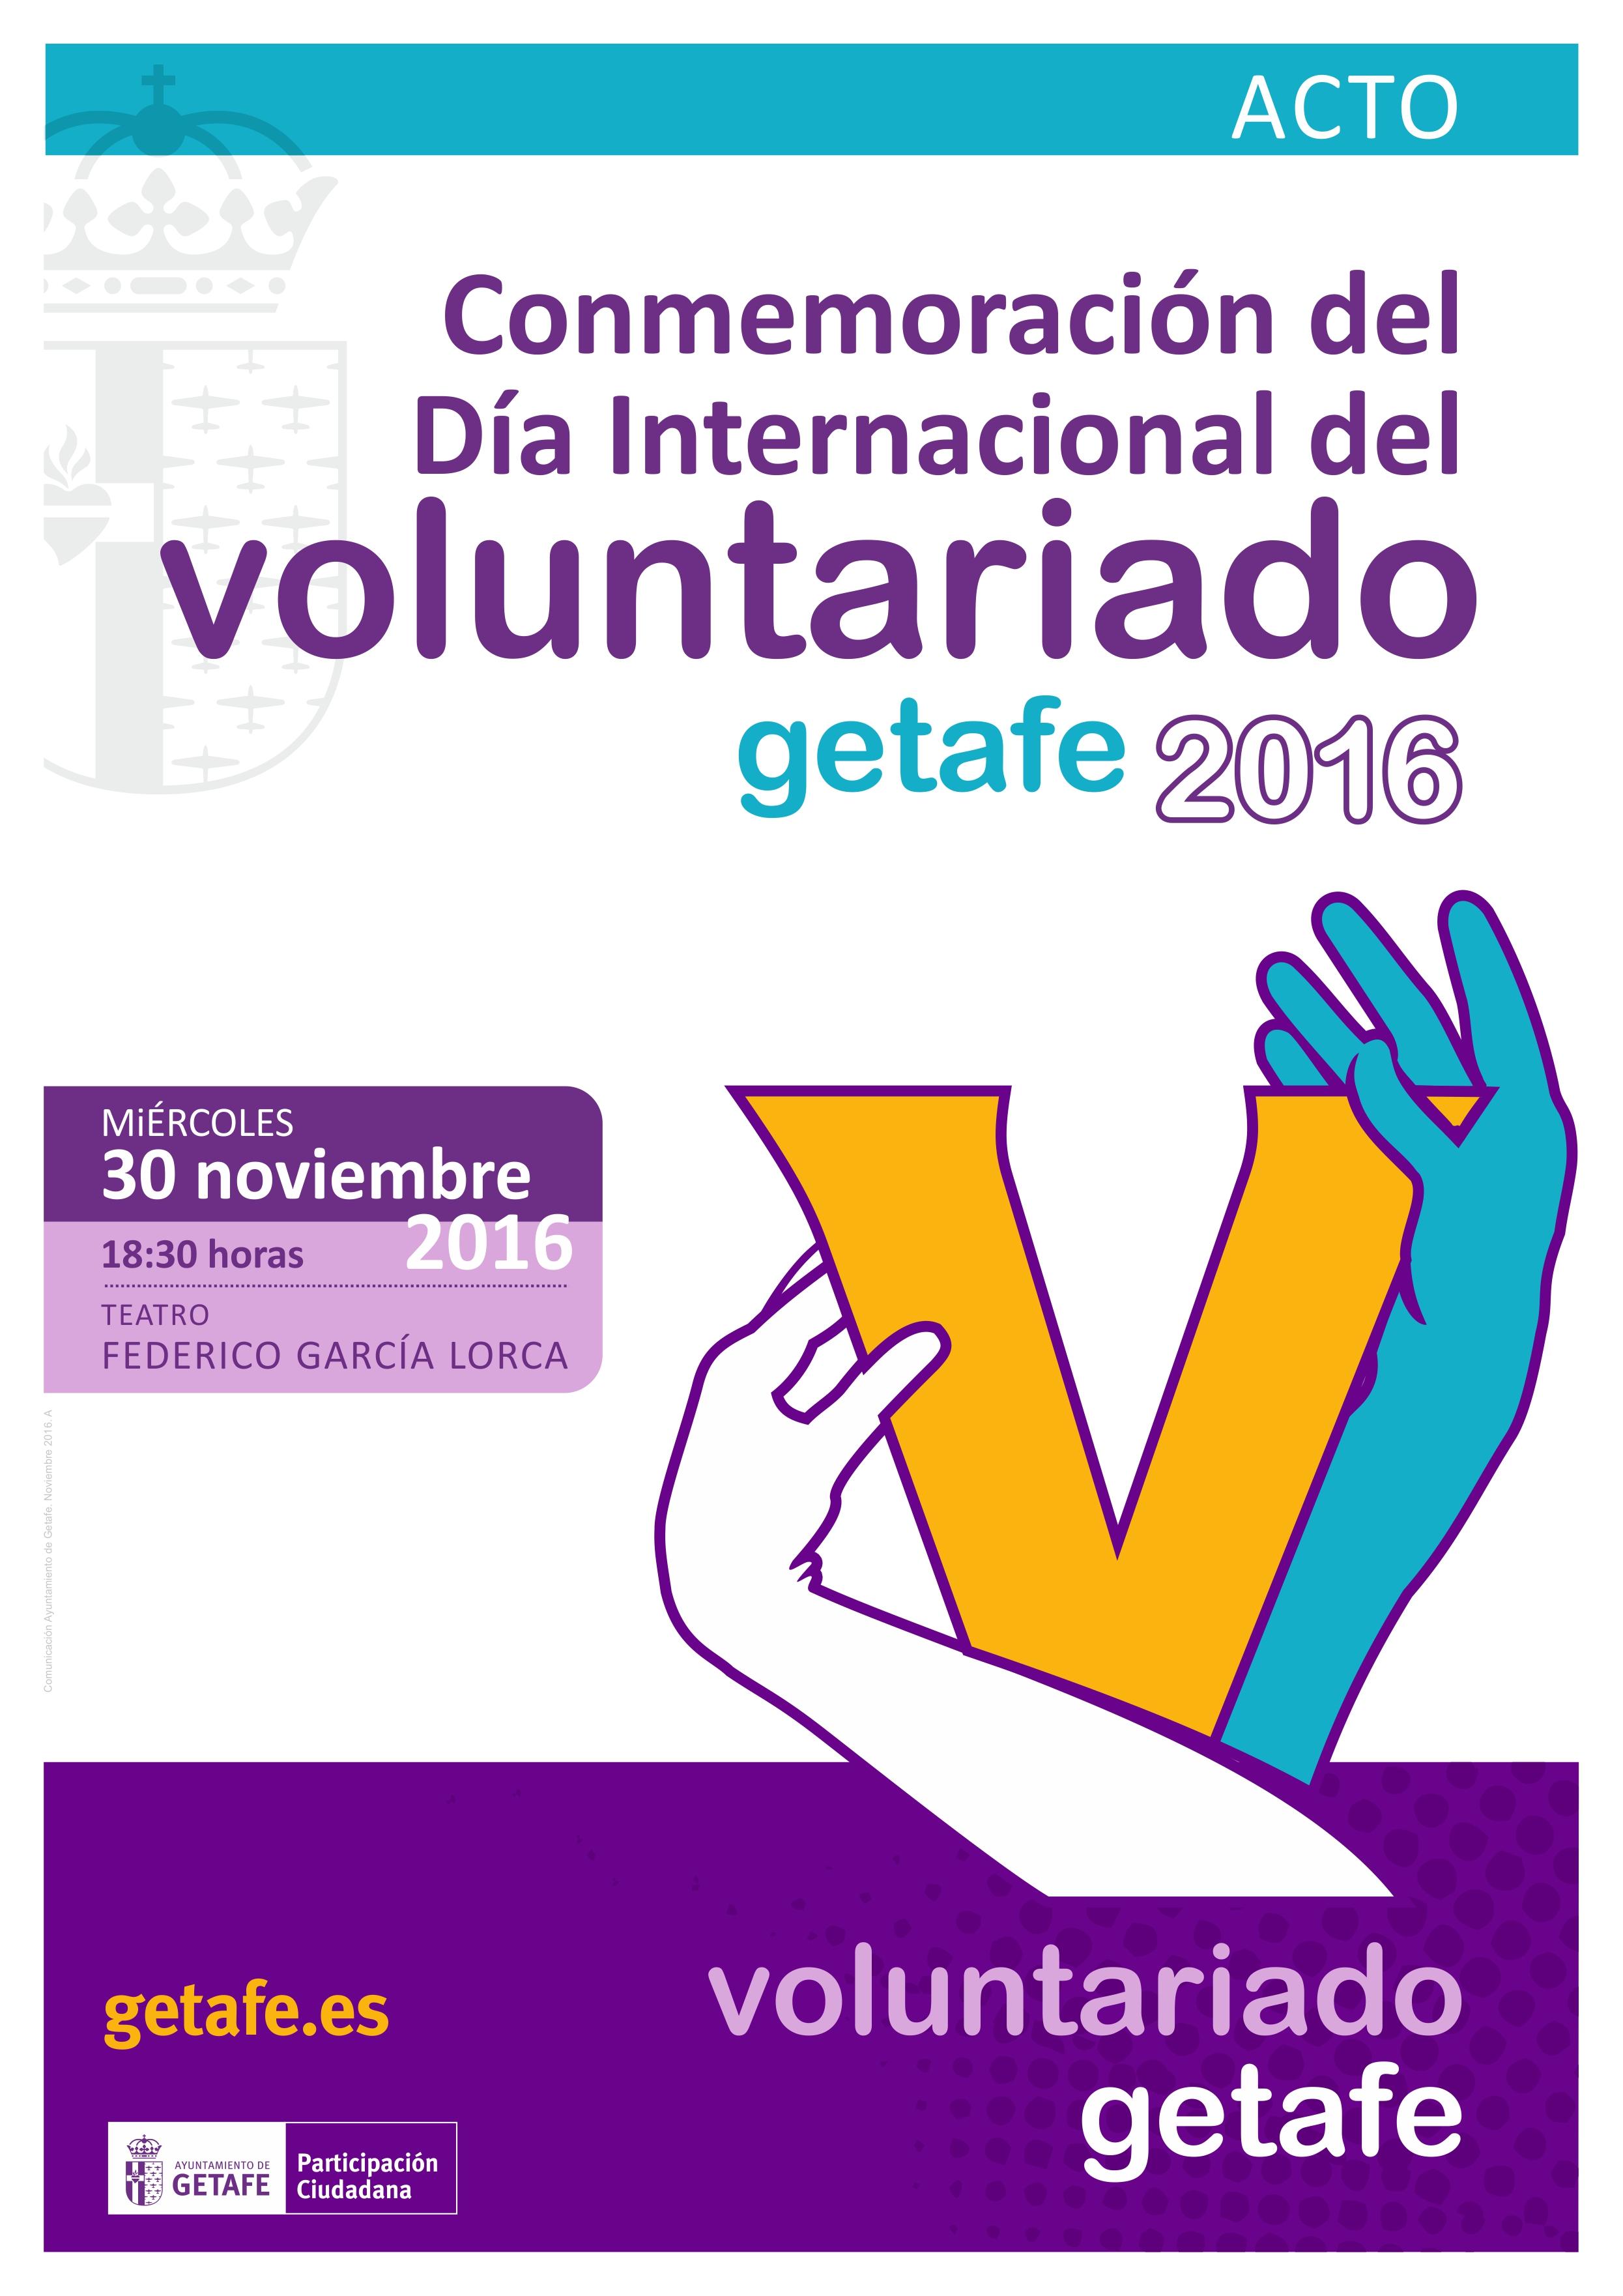 Getafe conmemora el Día Internacional del Voluntariado